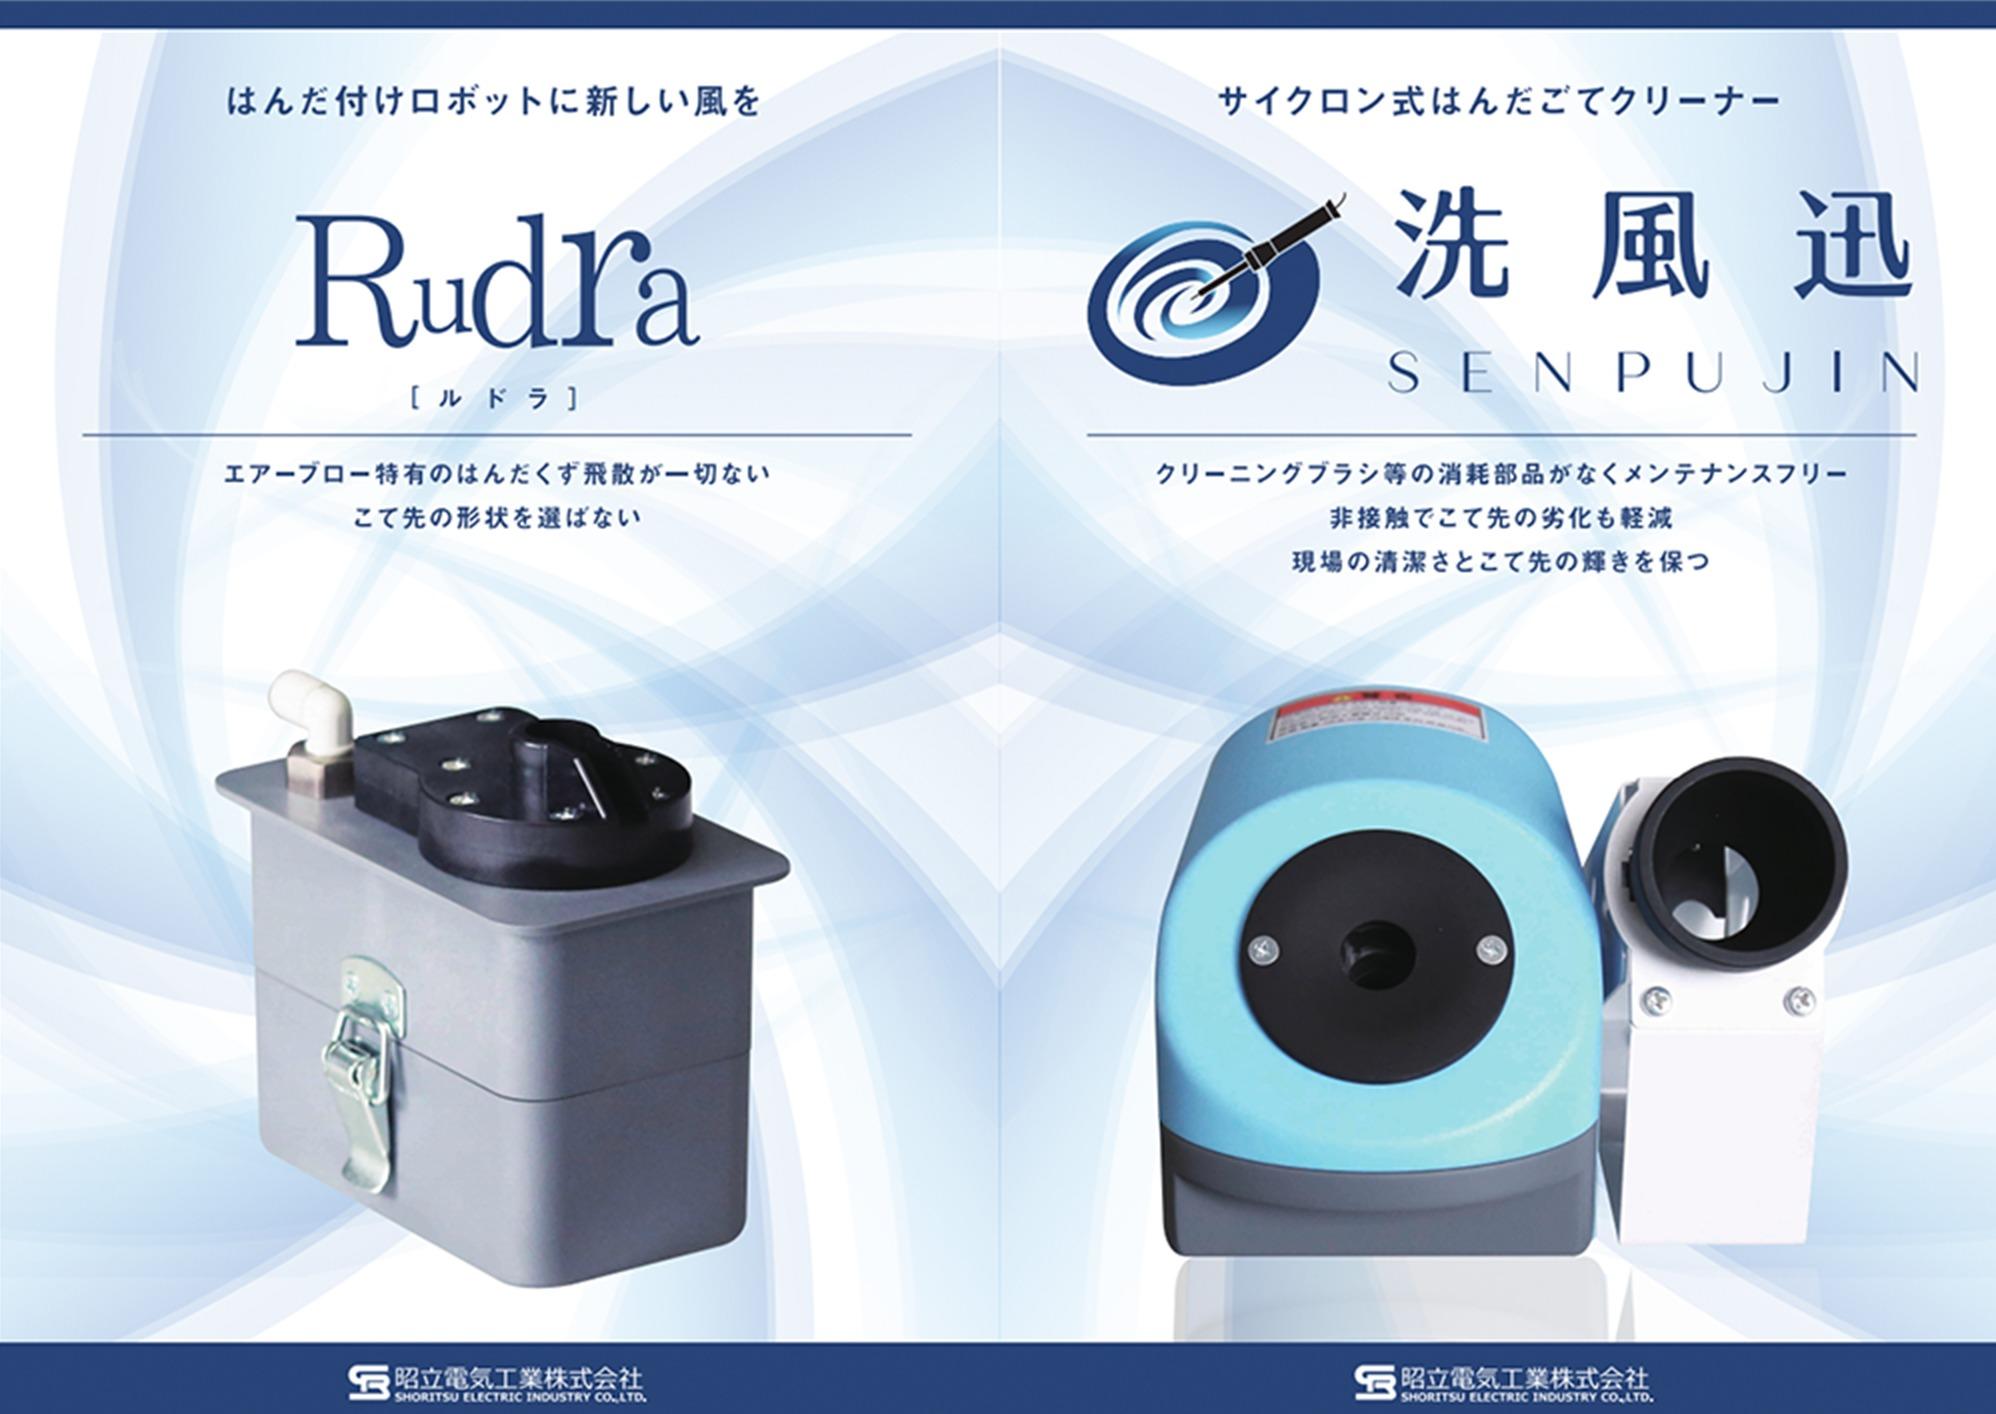 洗風迅/Rudraパンフレット表